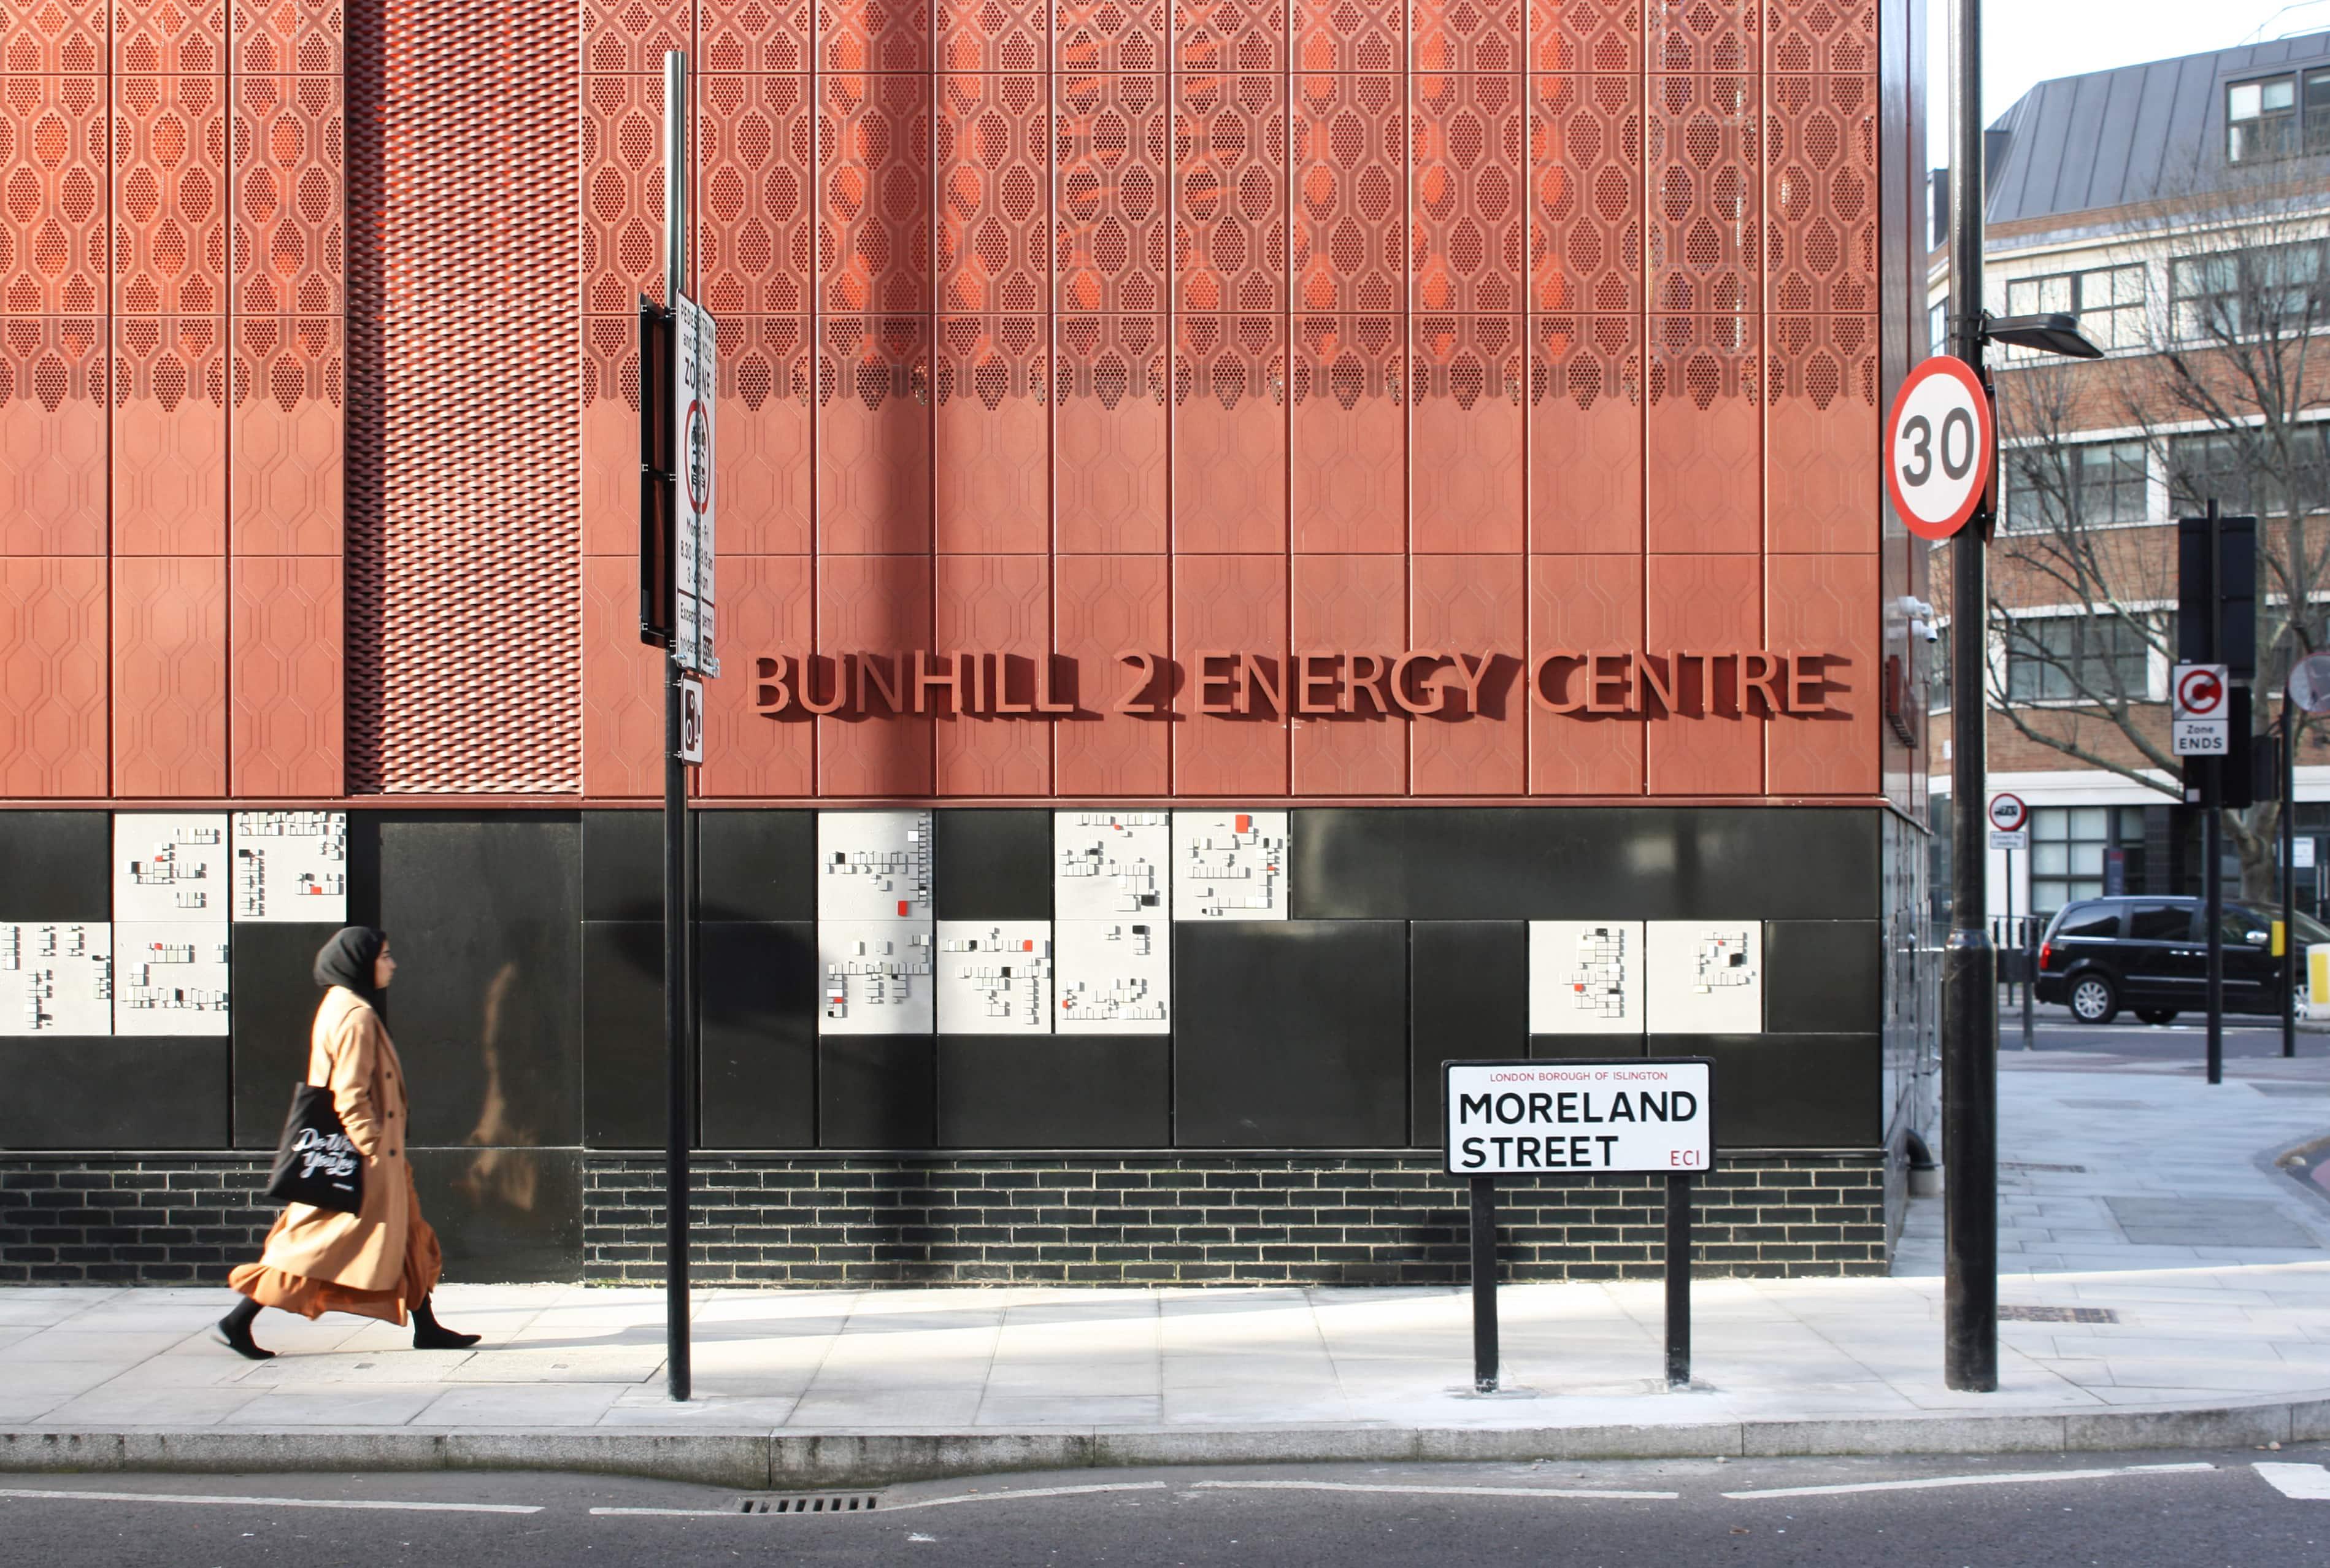 Bunhill 2 Energy Centre